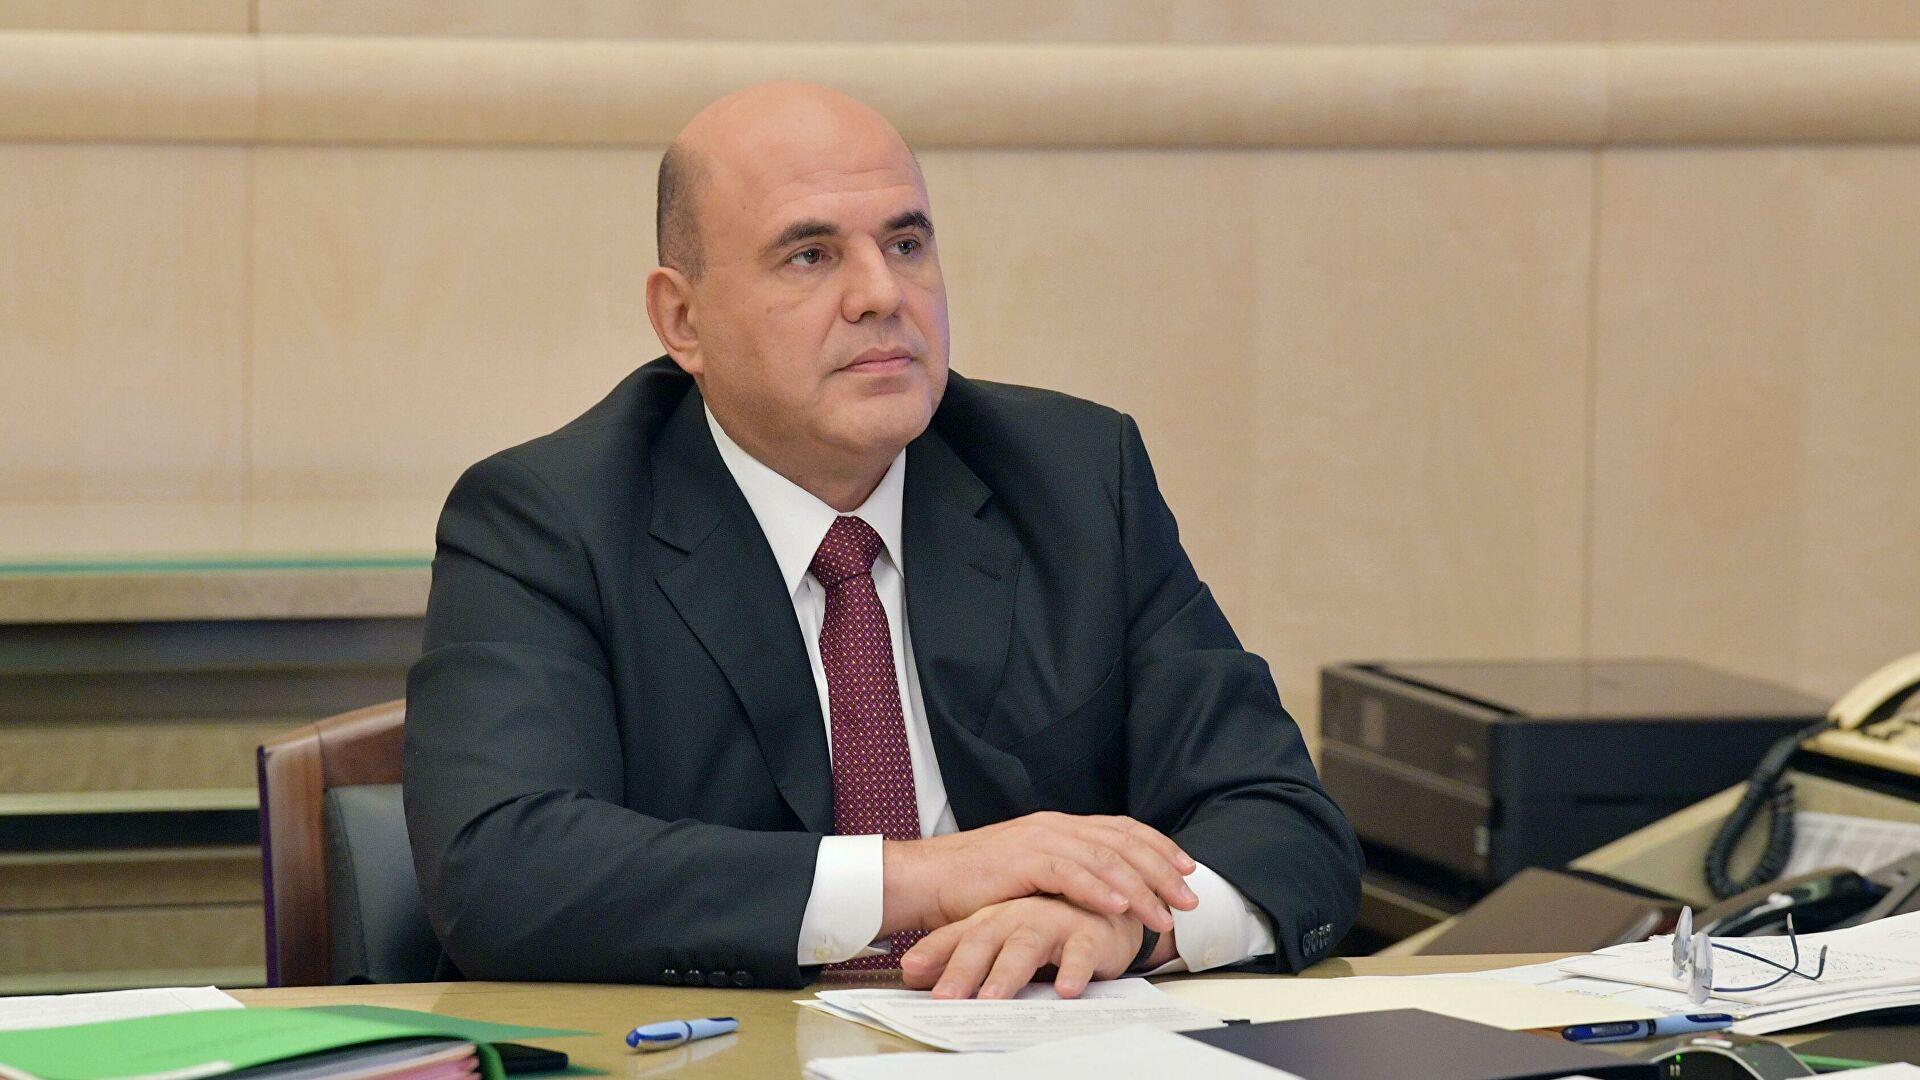 Правительство РФ выделит более 5 млрд рублей на поддержку промышленности - распоряжение Мишустина